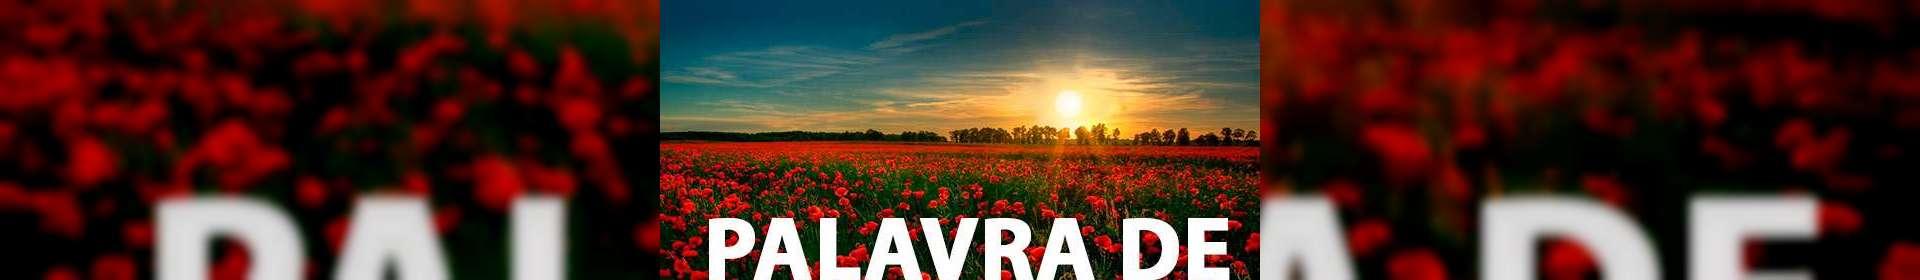 Salmos 55:22 - Uma Palavra de Esperança para sua vida